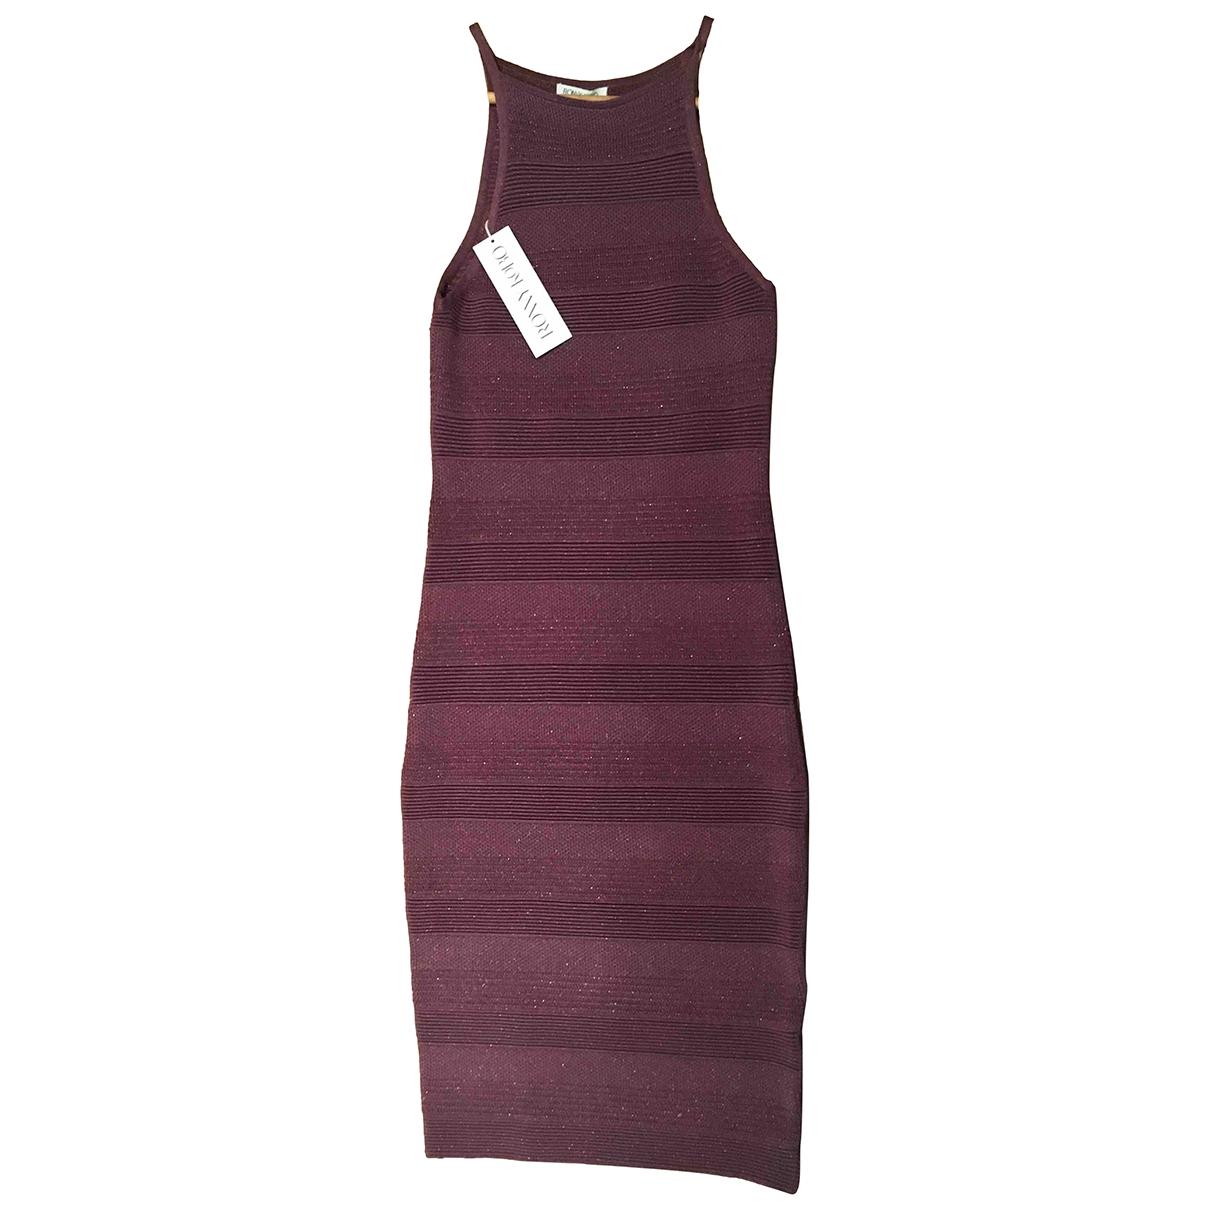 Ronny Kobo \N Kleid in  Lila Wolle